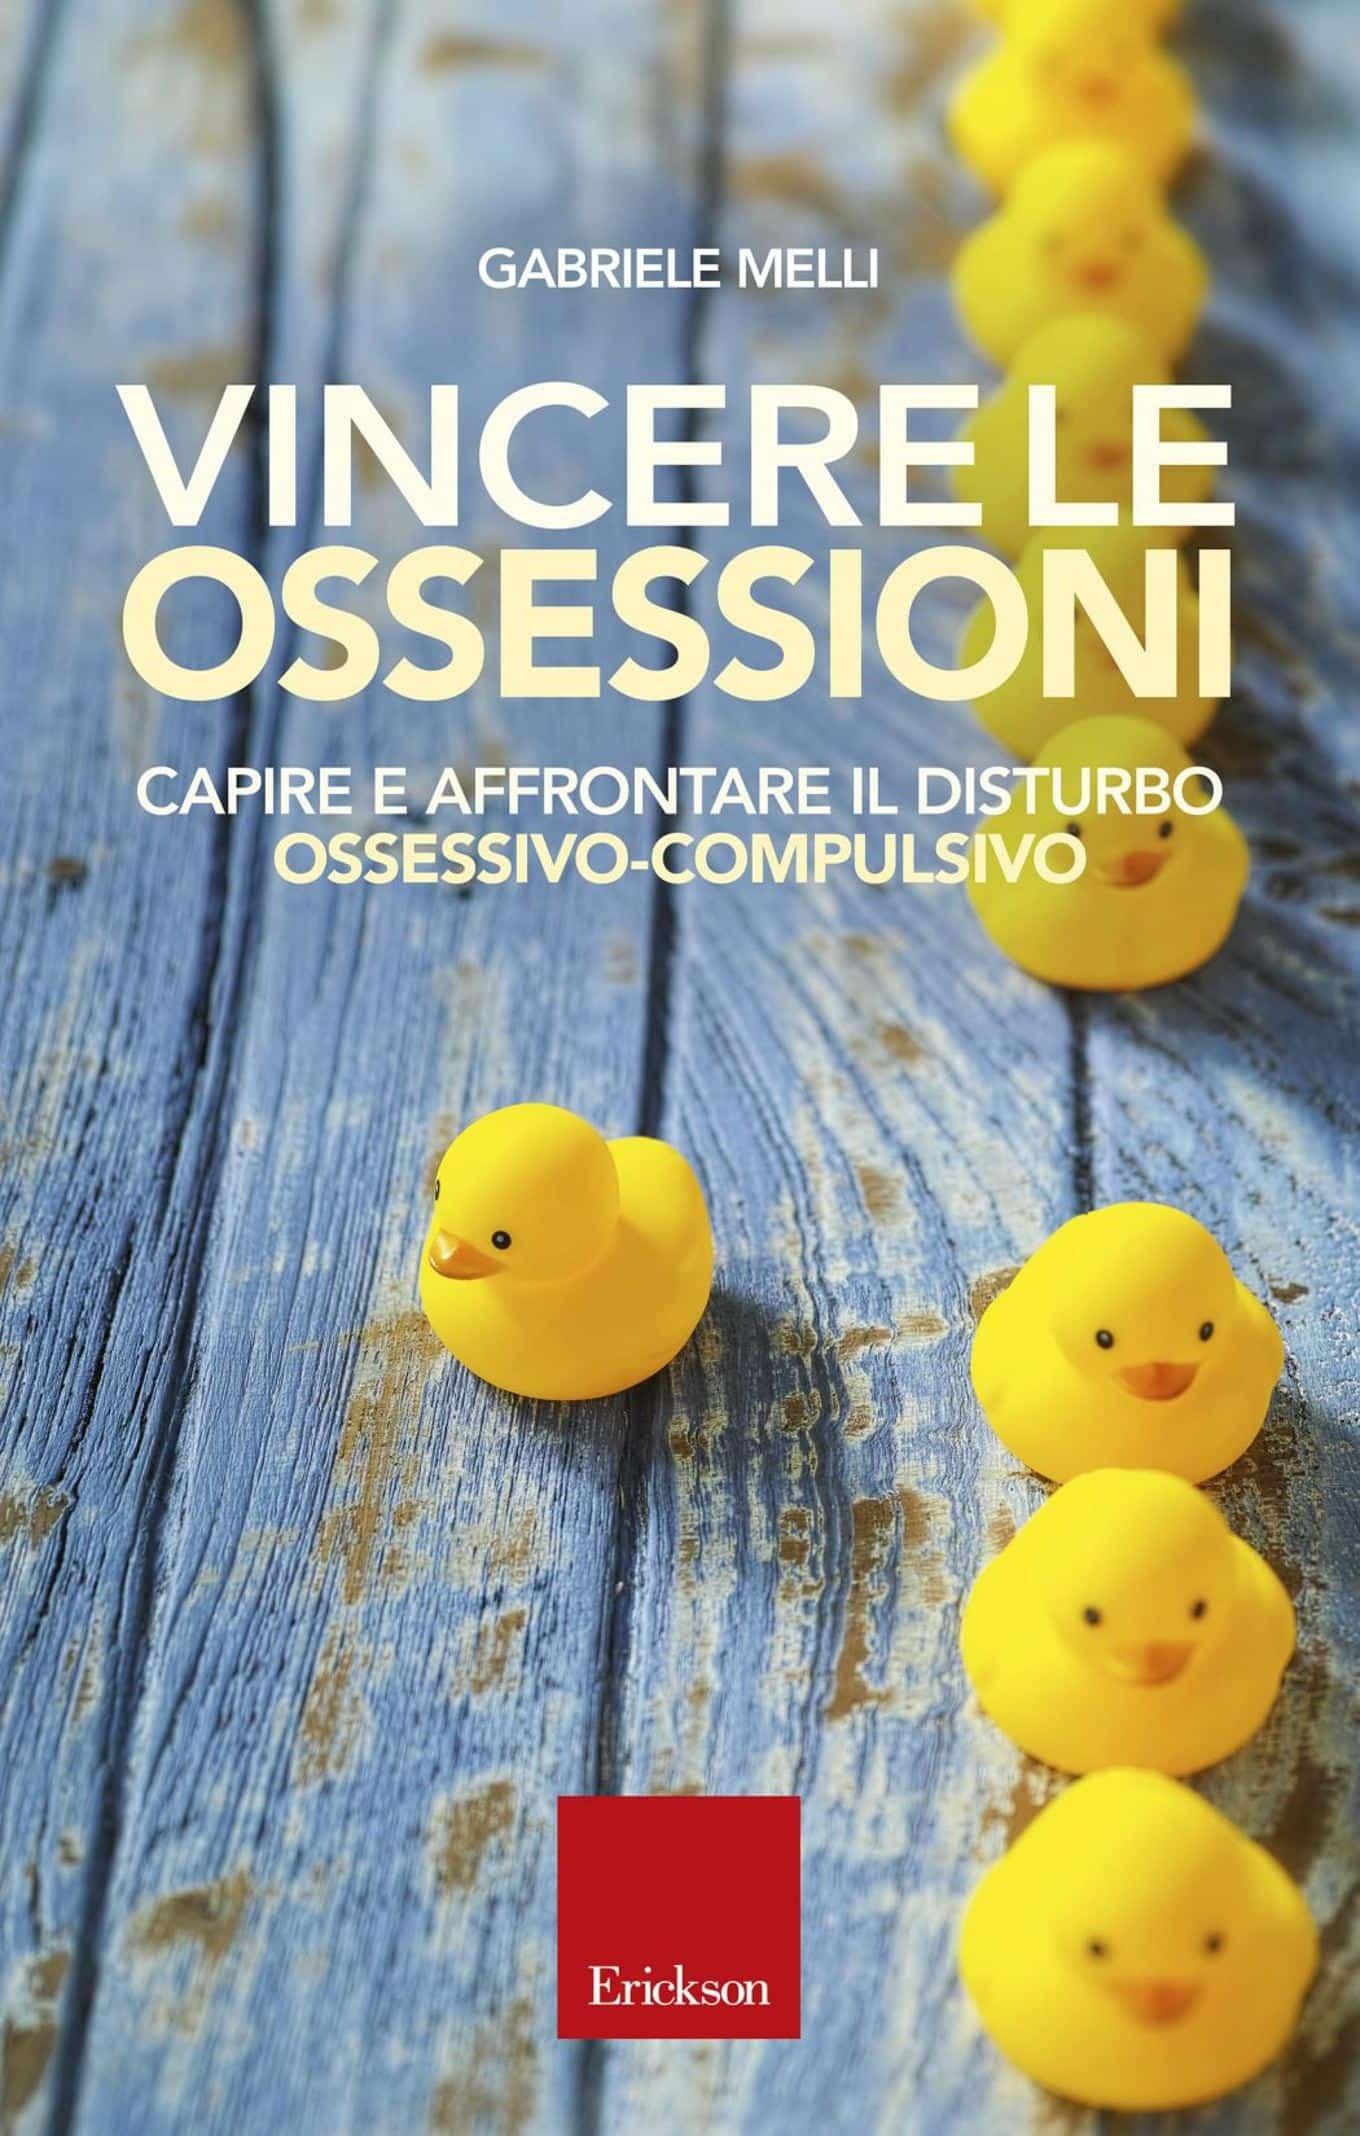 Vincere le ossessioni (2018) di Gabriele Melli – Recensione